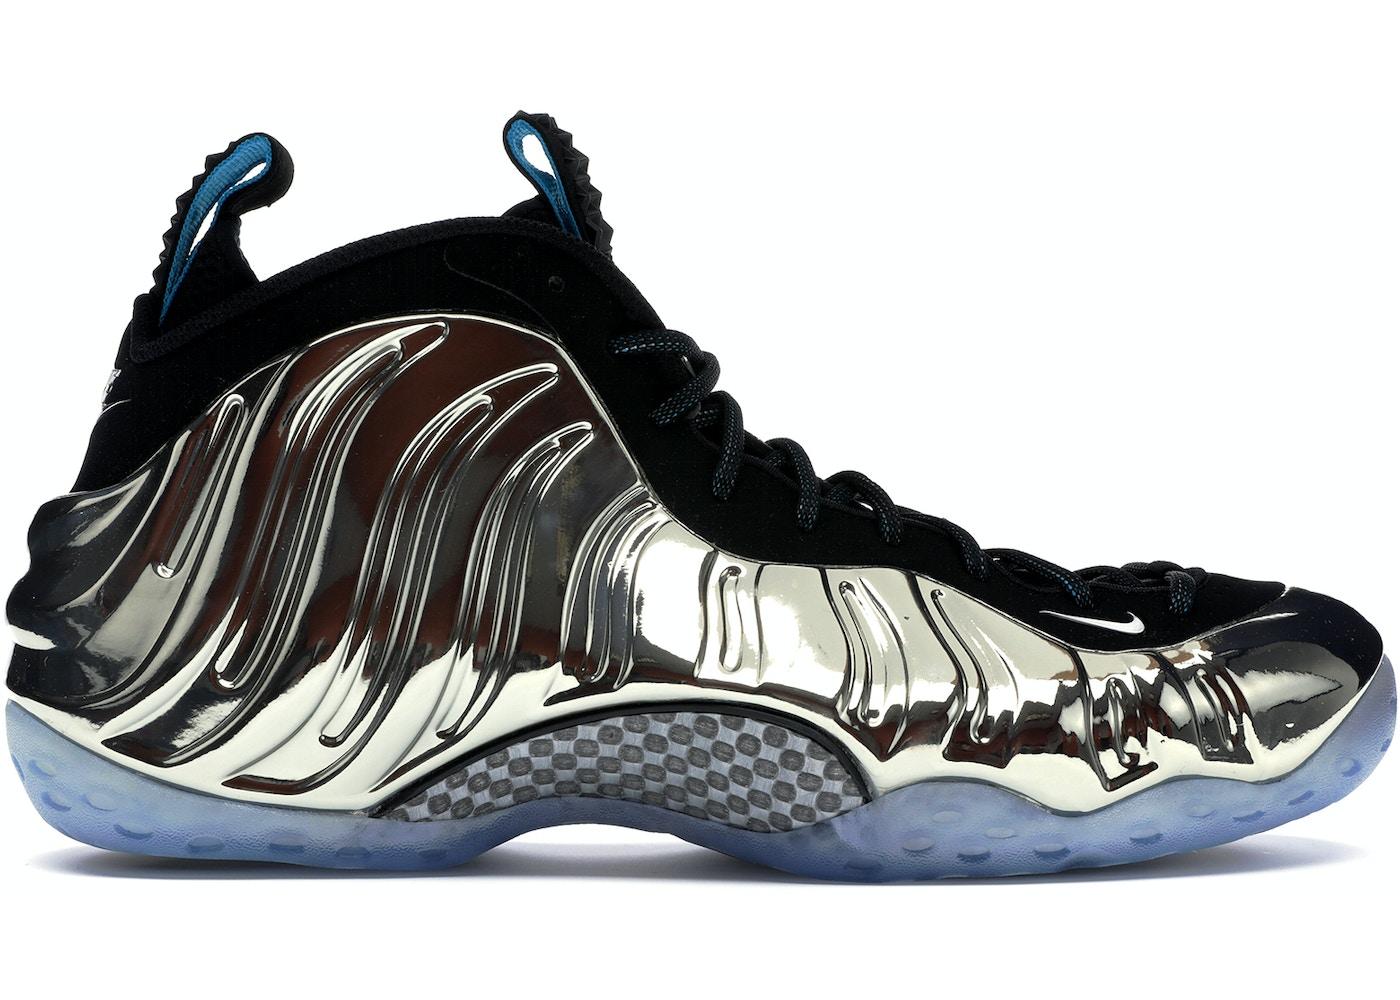 ac16362fecc92 Nike Foamposite Shoes - New Lowest Asks